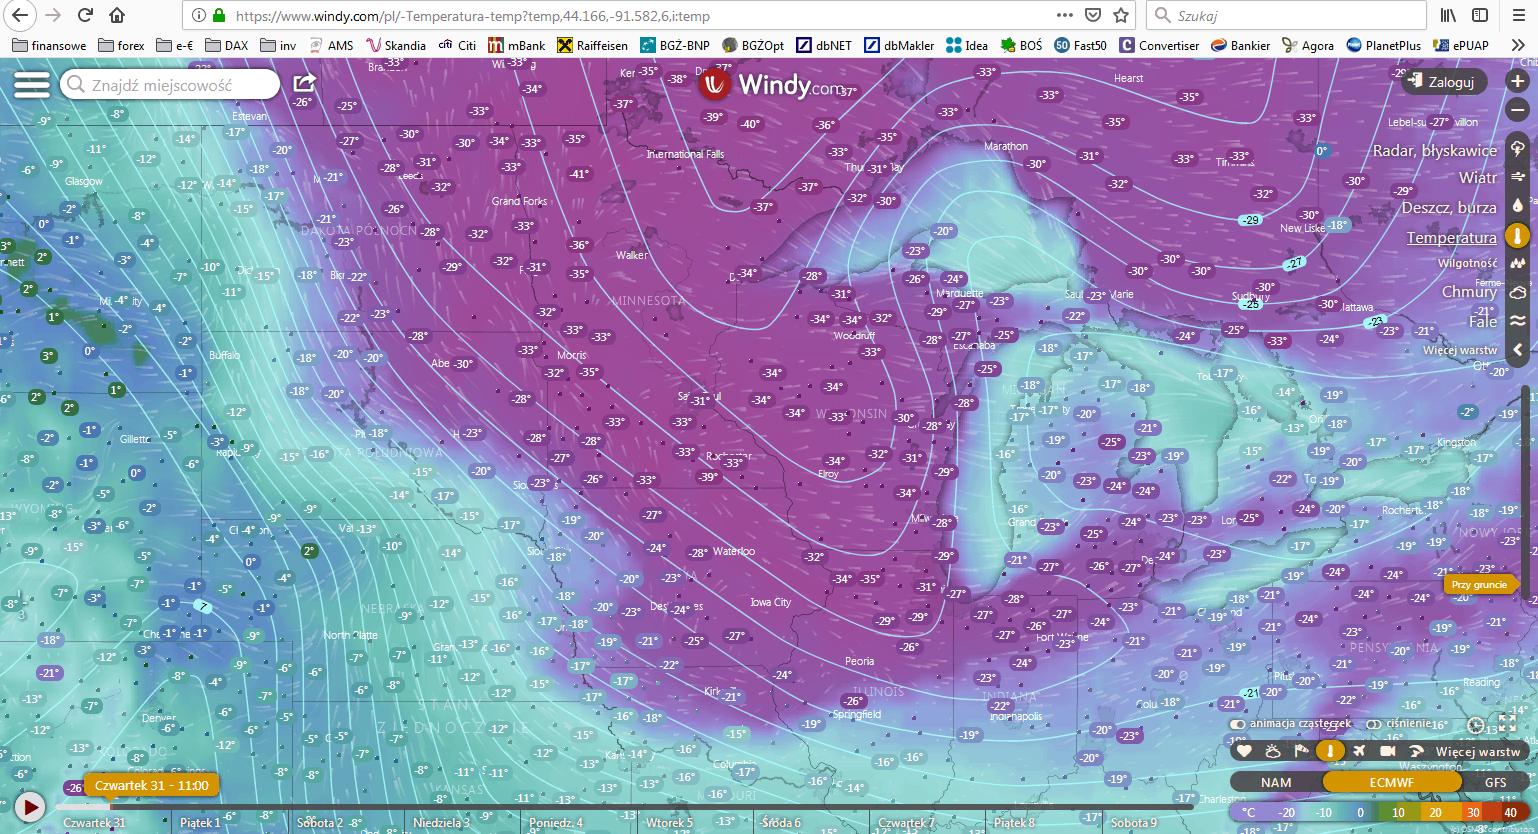 mapa temperatur w USA źródło: www.windy.com